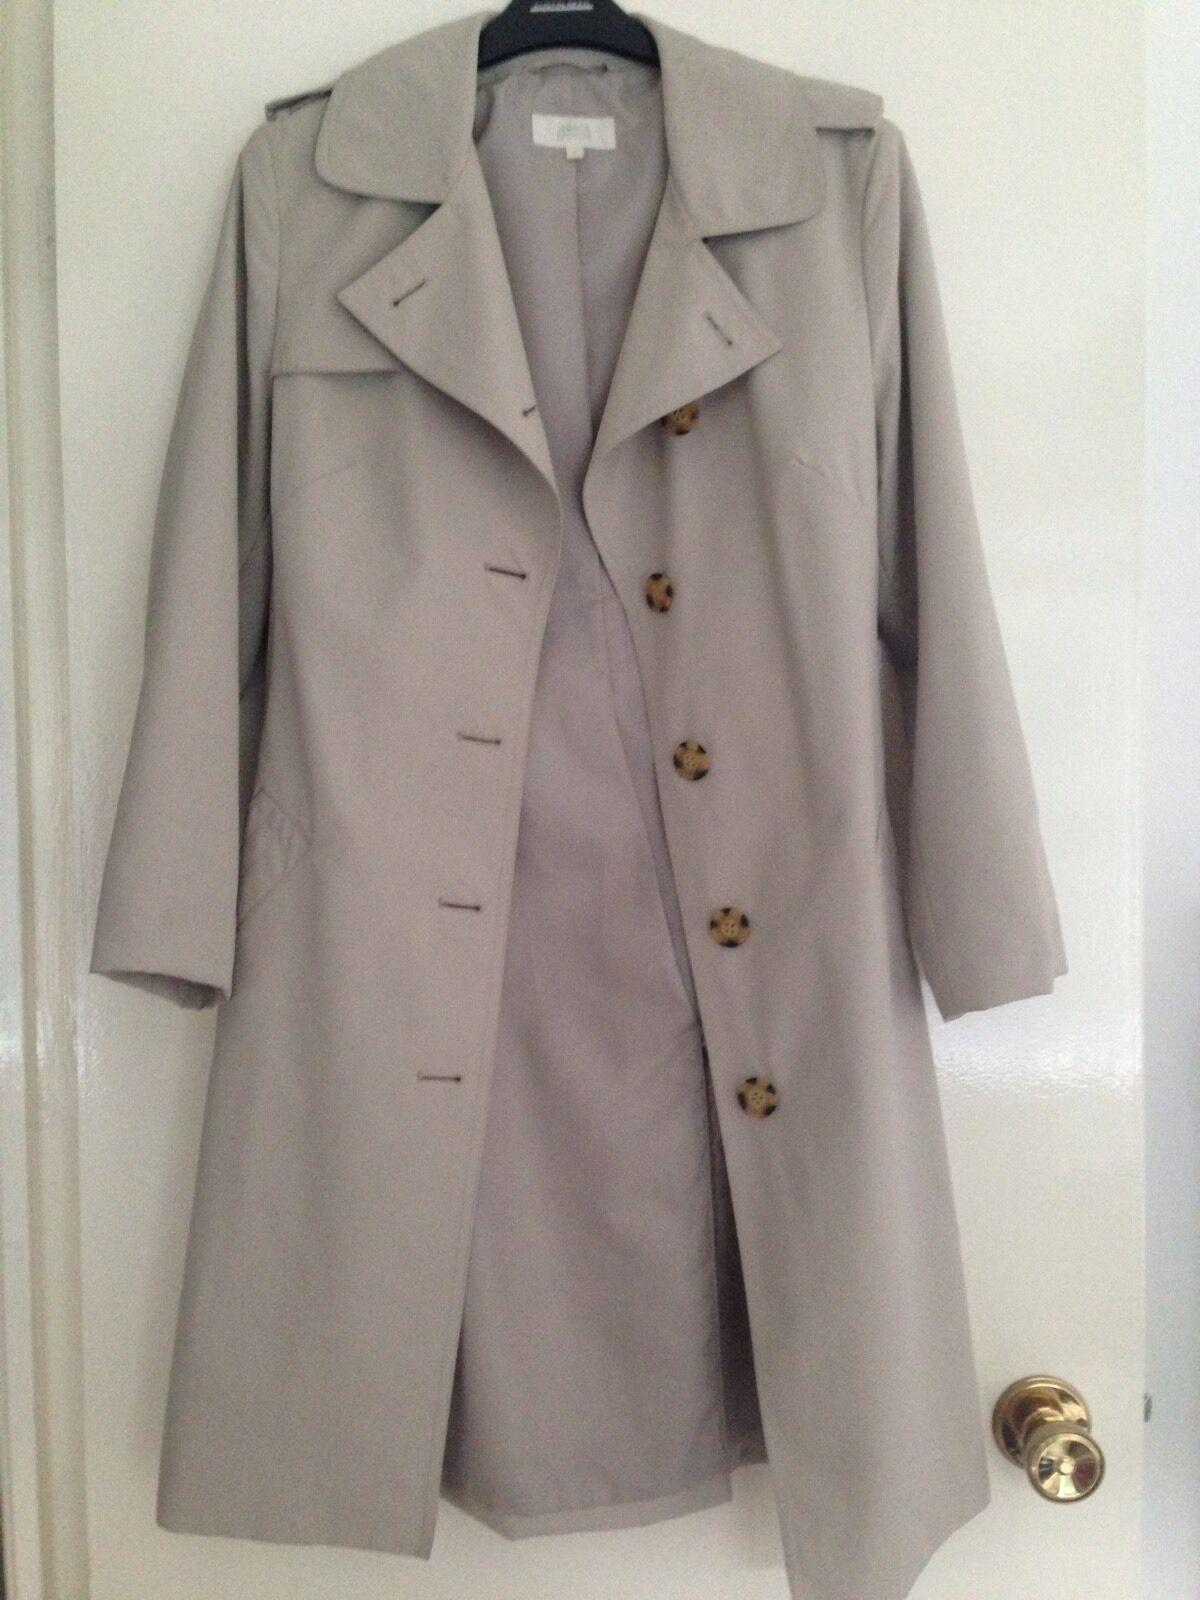 Marks & Spencer Spencer Spencer Stone Trench Coat 8 22ca38